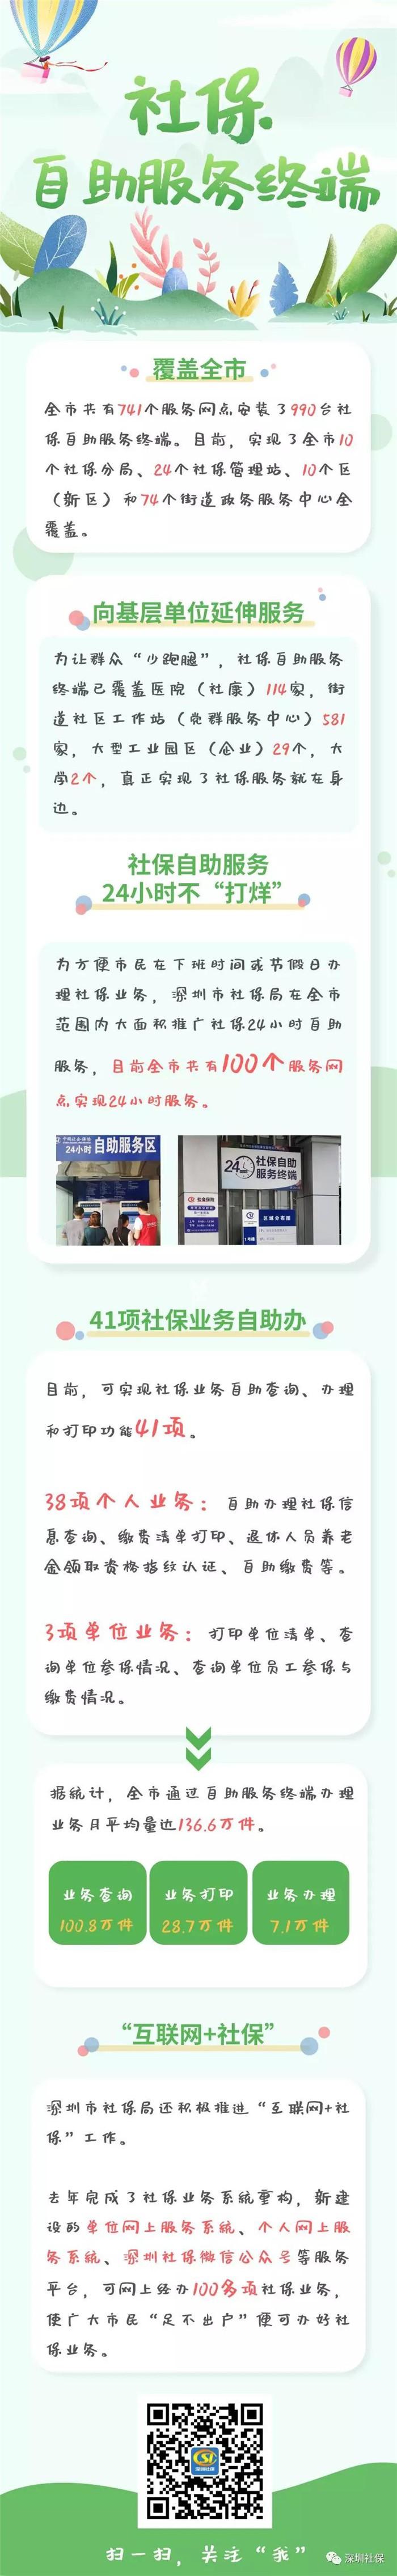 """深圳重疾险个人投保6月1日开始办理,另附社保""""自助办""""攻略!"""